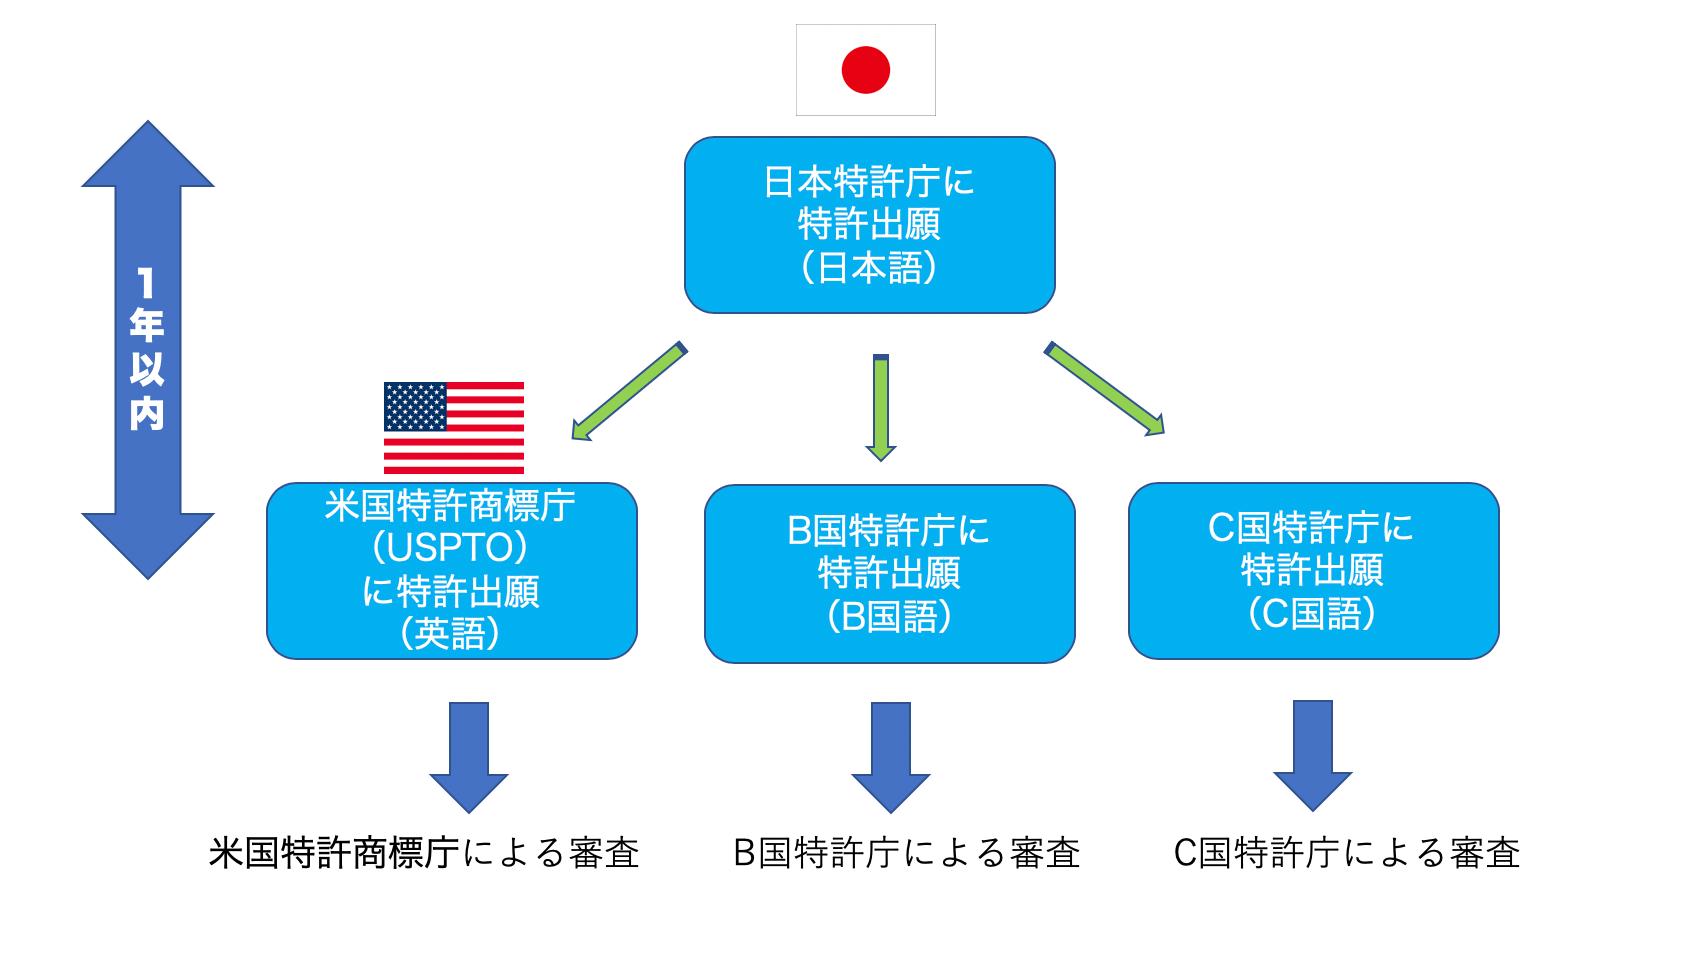 米国特許出願の基礎知識 | アメリカで特許を取得するための出願方法の種類と流れ